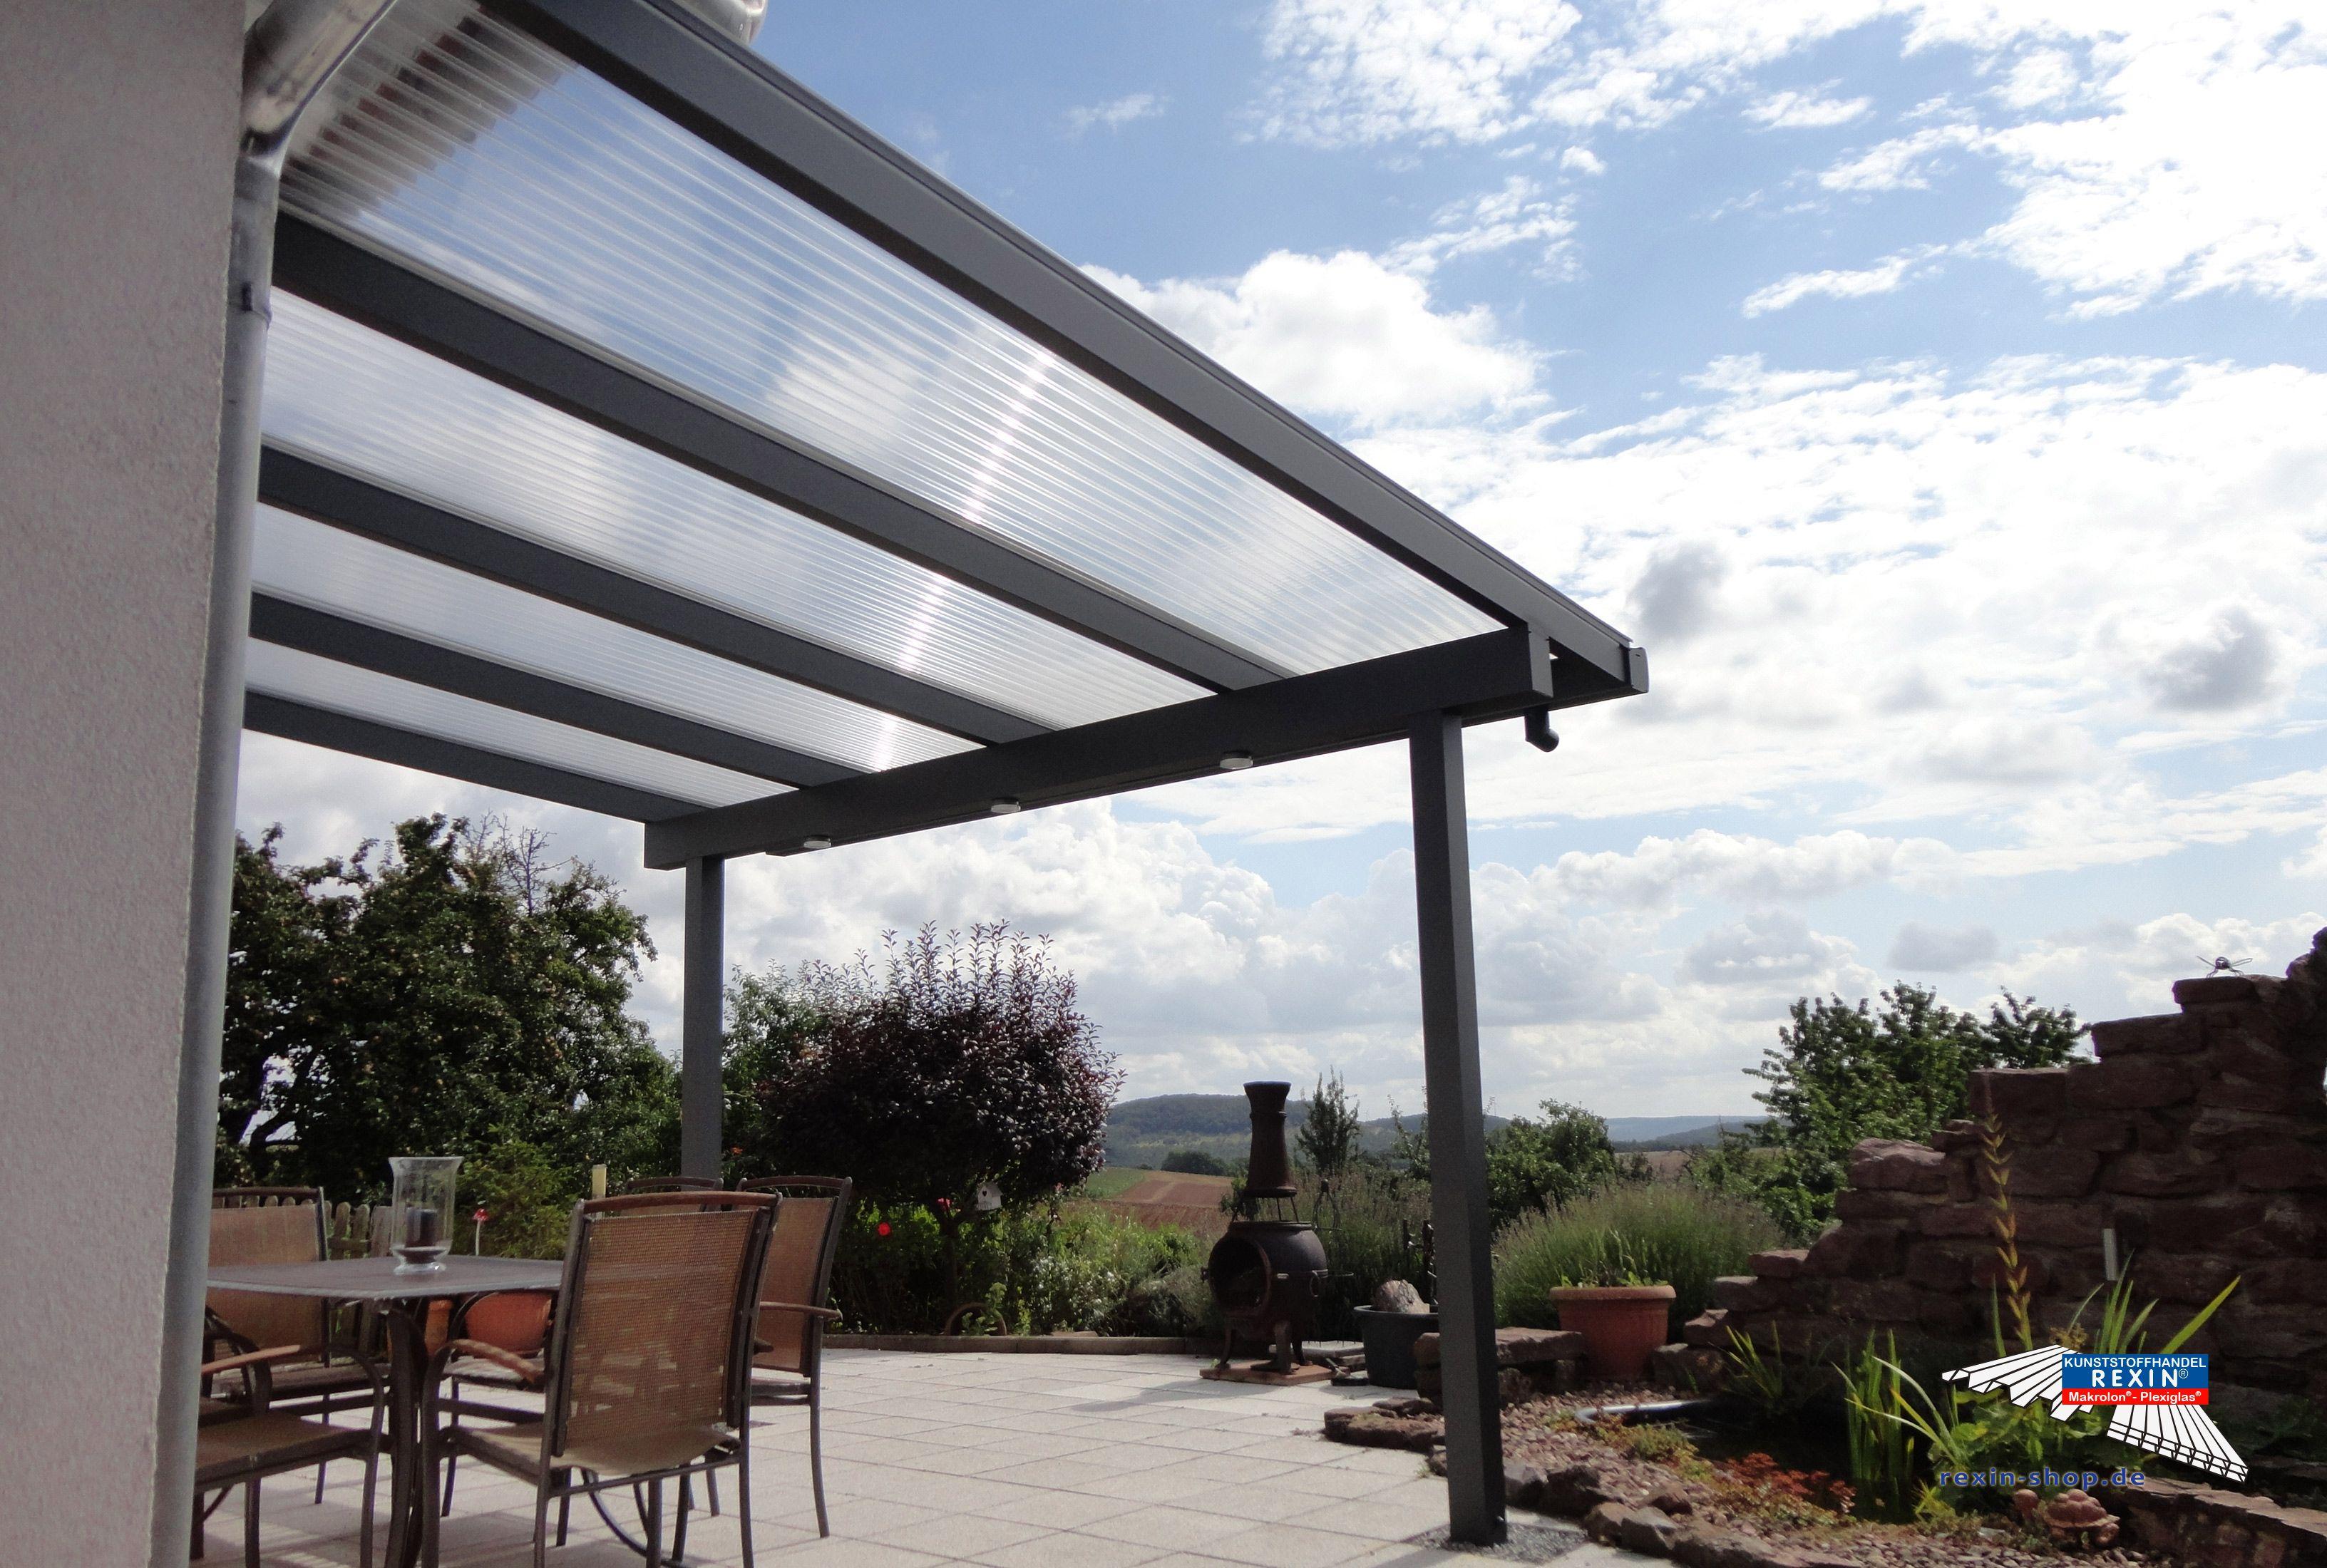 Cute Alu Terrassendach der Marke REXOclassic m x m in anthrazit mit passender XL Regenrinne DacheindeckungRegenrinnePfostenAnthrazitBeleuchtung